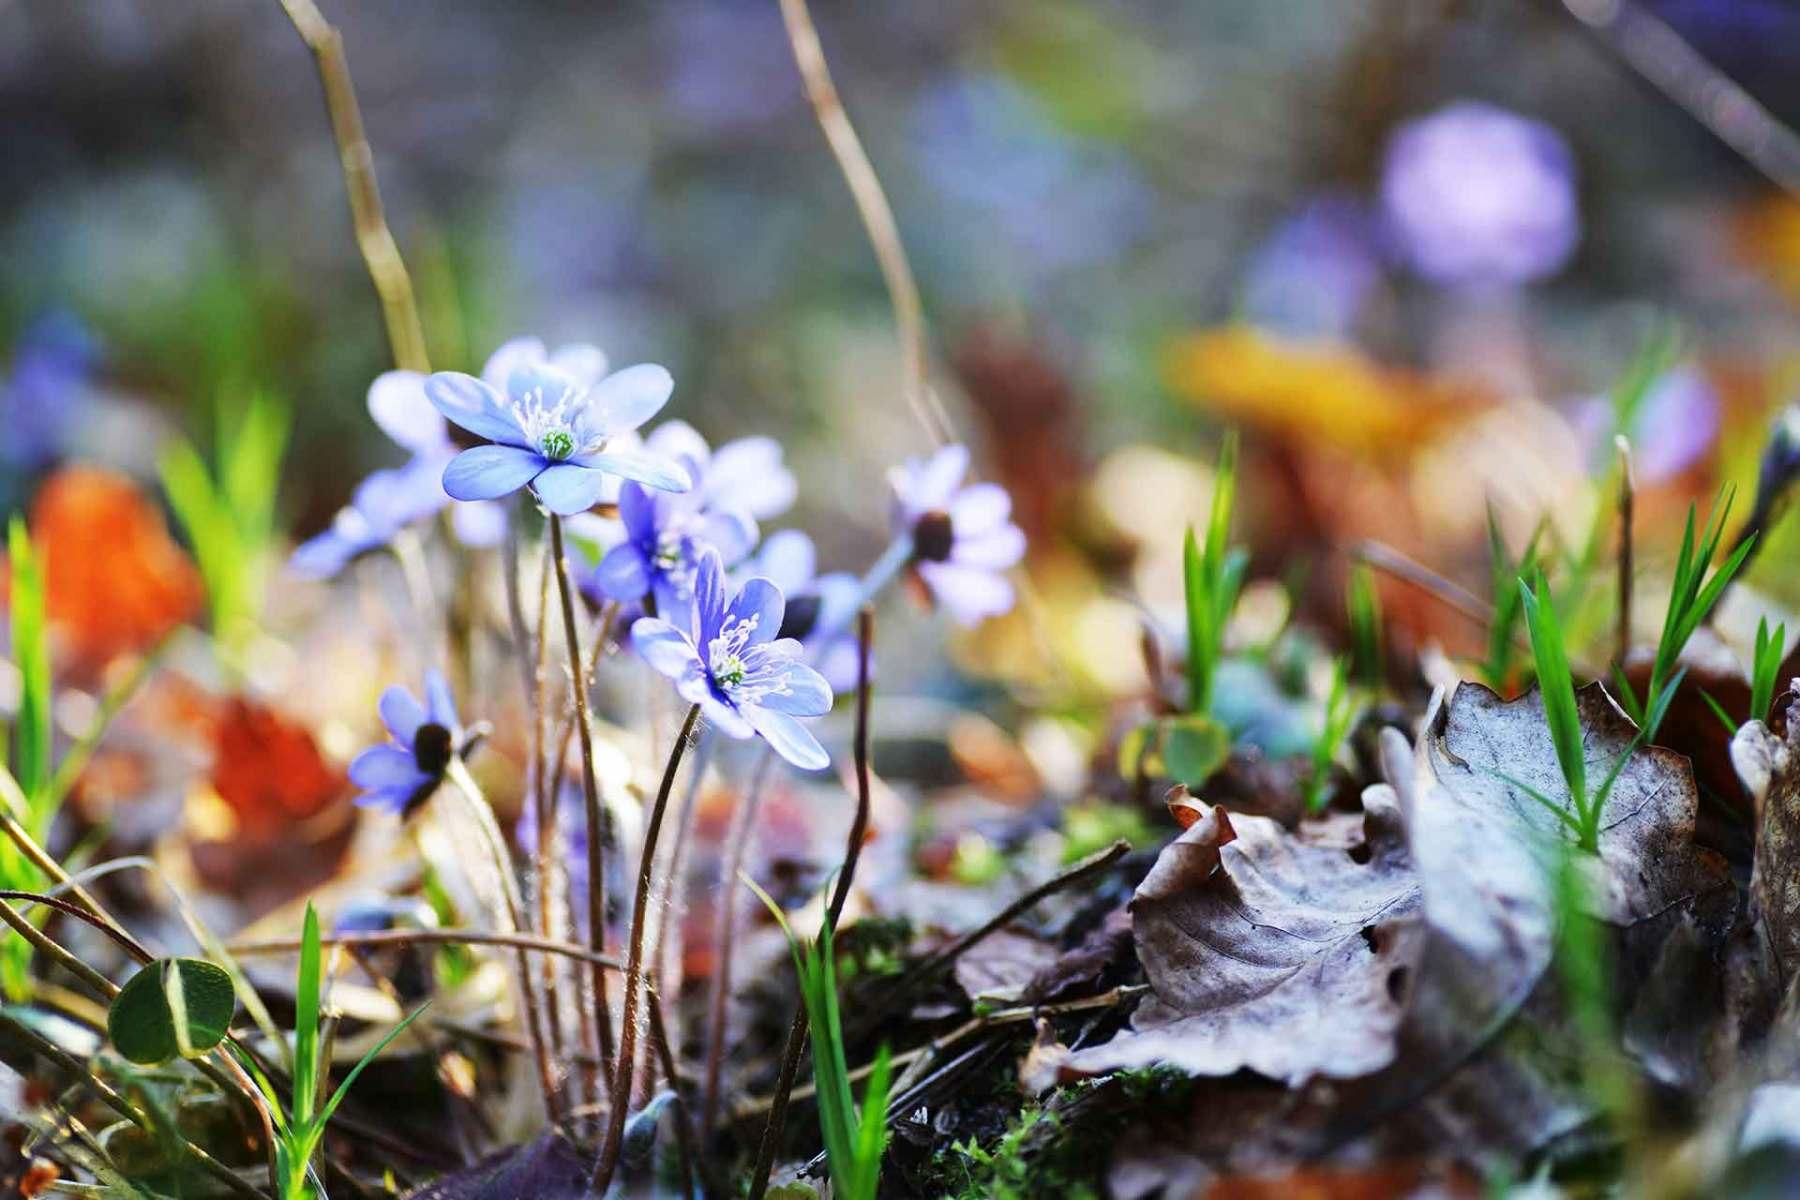 Blühendes Leberblümchen auf Waldlichtung im Frühjahr